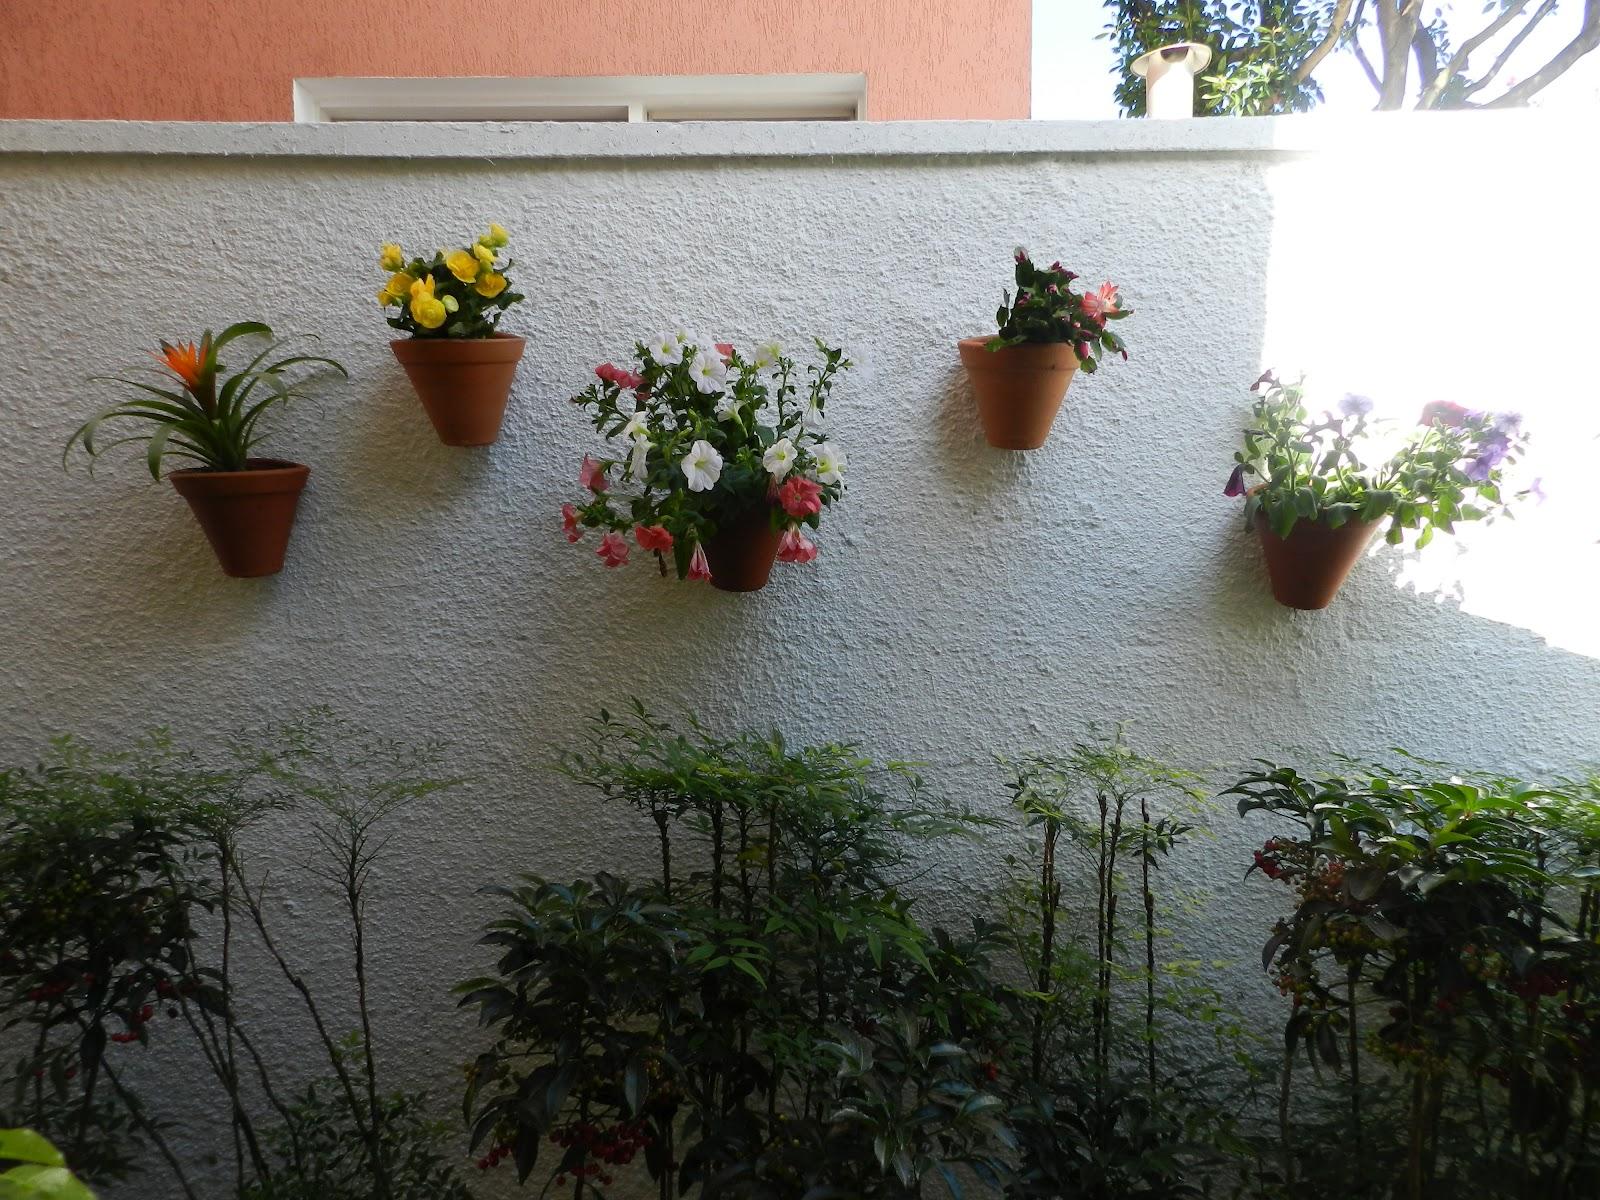 meu quintal meu jardim : meu quintal meu jardim: mais . No seu lugar um cantinho para Jardim vertical e ficou assim